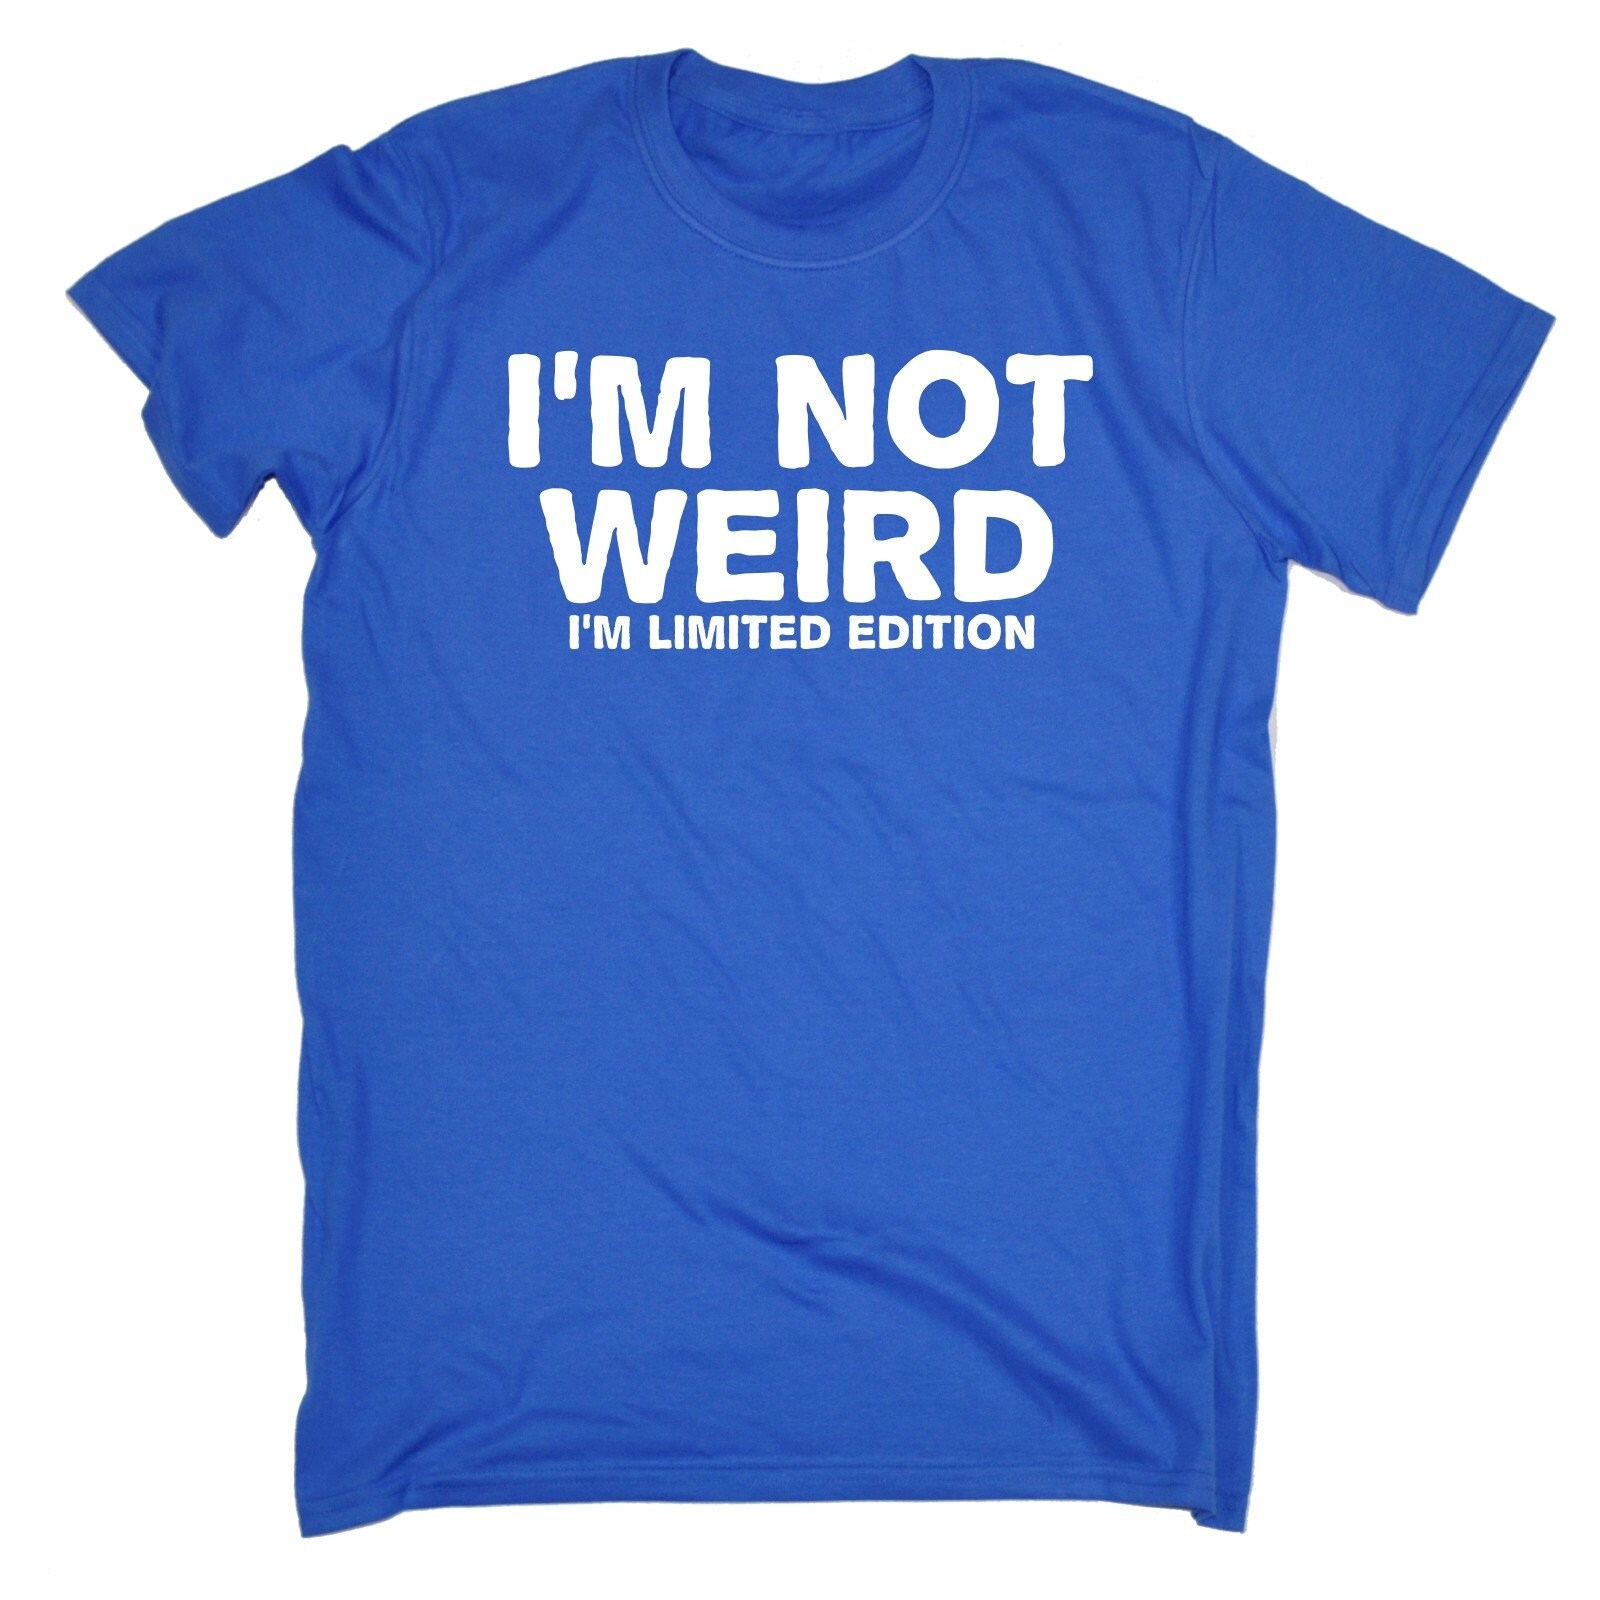 123t des hommes je ne suis pas pas pas bizarre, je suis limitée T-Shirt drôle Tee Tshirt T Shirts nouveauté drôle cadeau d'anniversaire cadeau Noël 94fe60